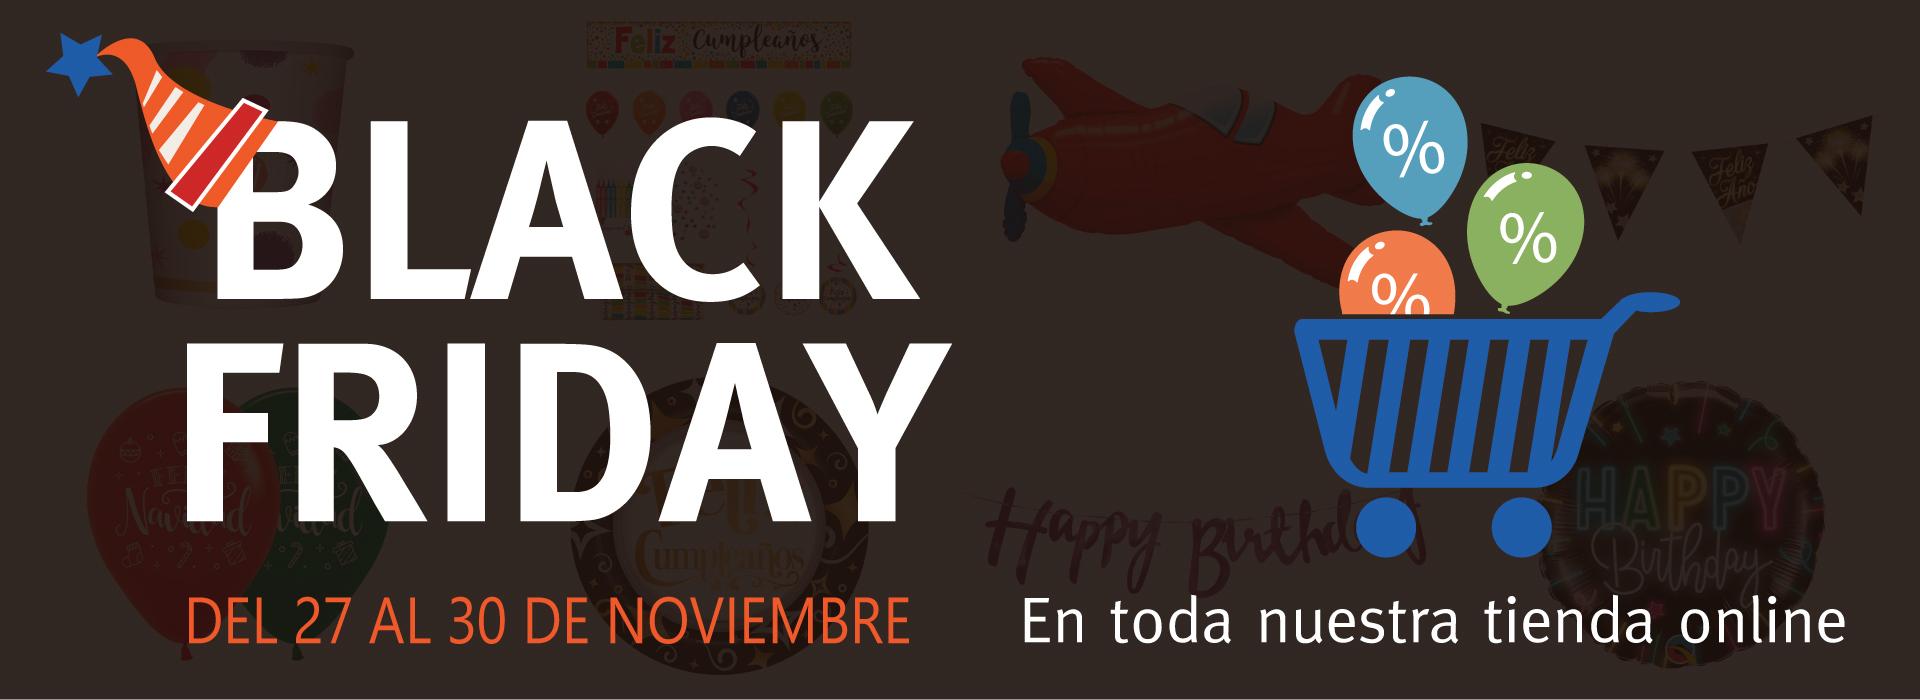 Black Friday desde el 27 al 30 de Novimebre, descuentos en toda nuesntra tienda online